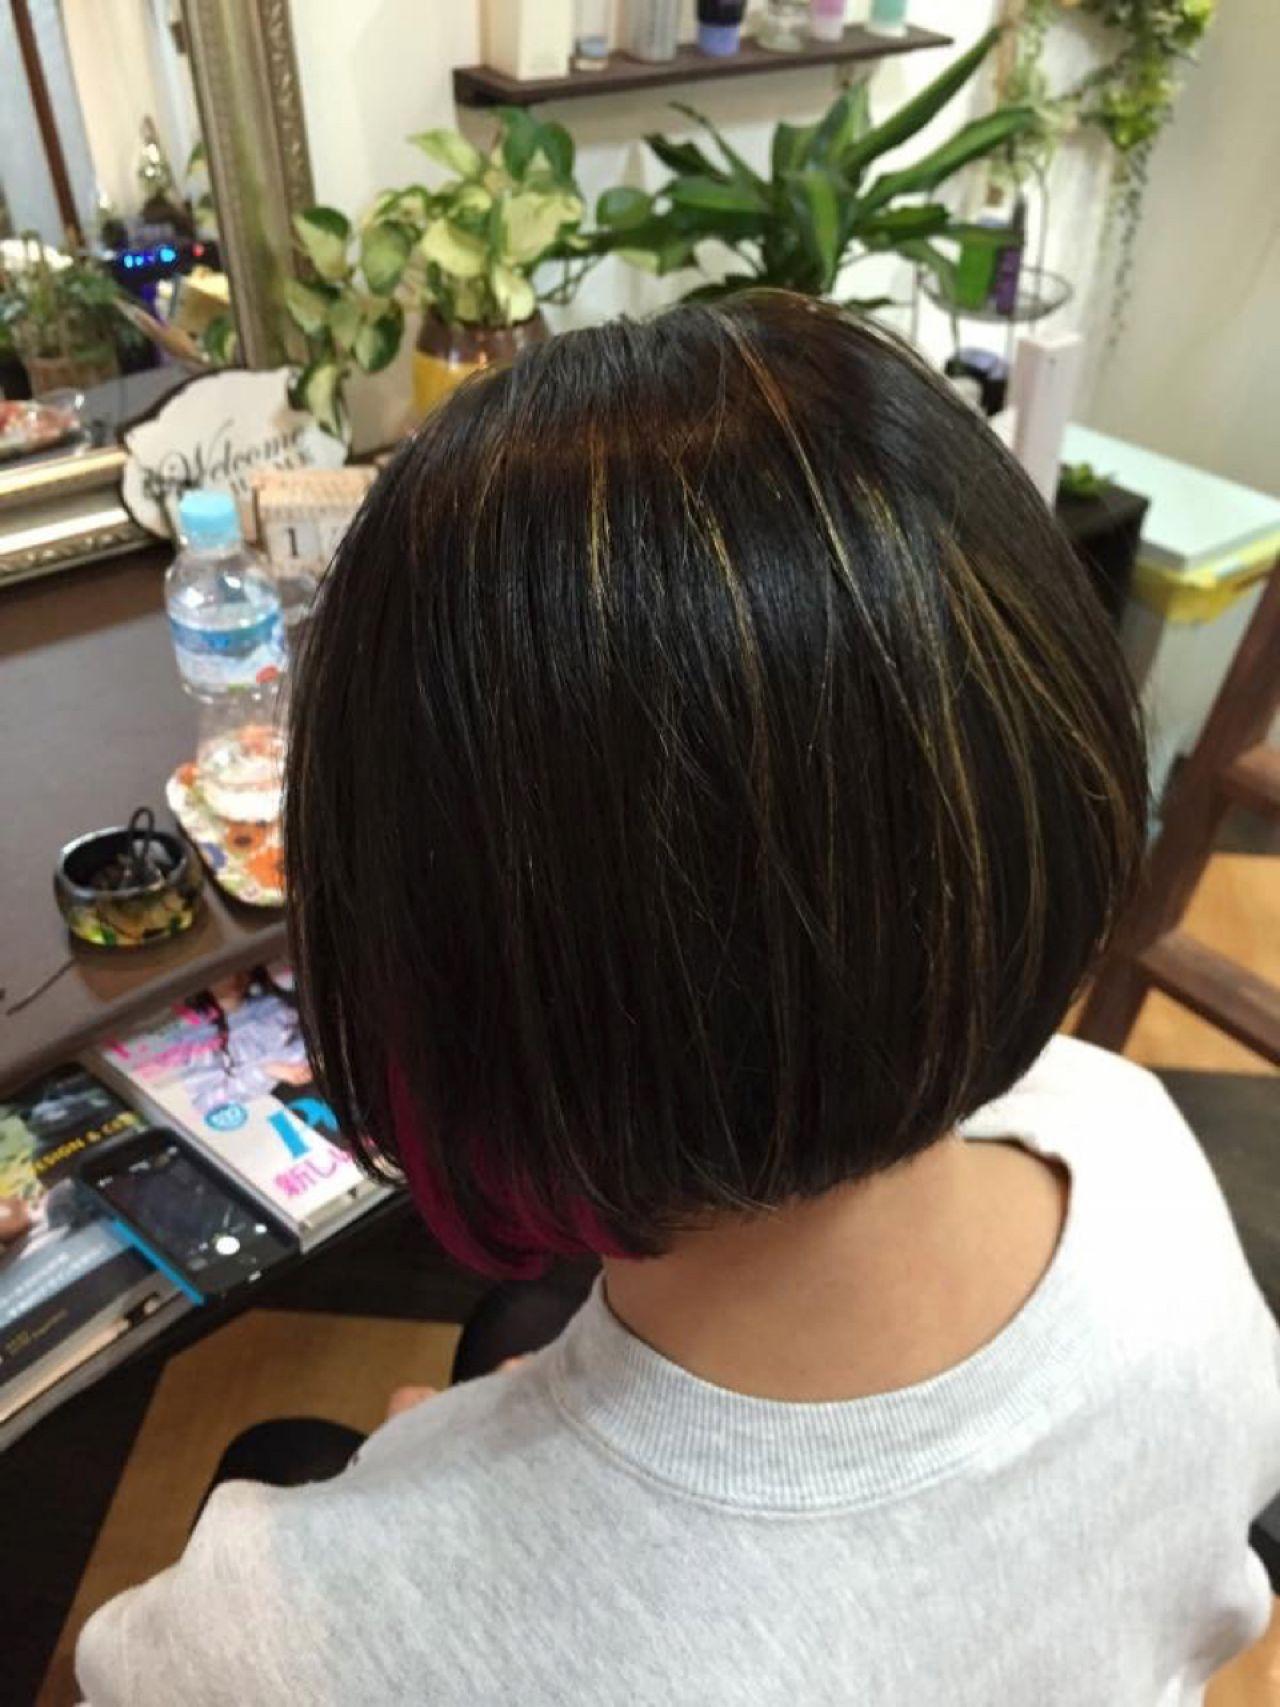 ボブ 黒髪 インナーカラー 外国人風 ヘアスタイルや髪型の写真・画像